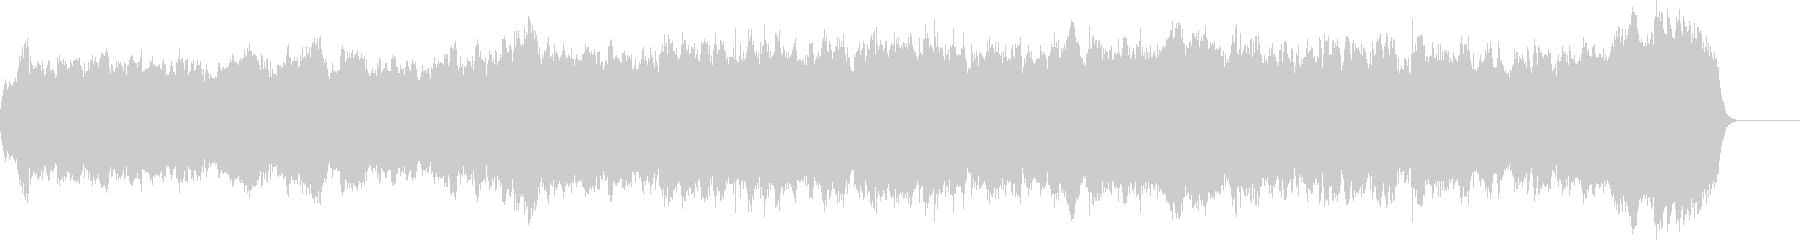 バッハのパイプオルガンのようなオルガン曲の未再生の波形